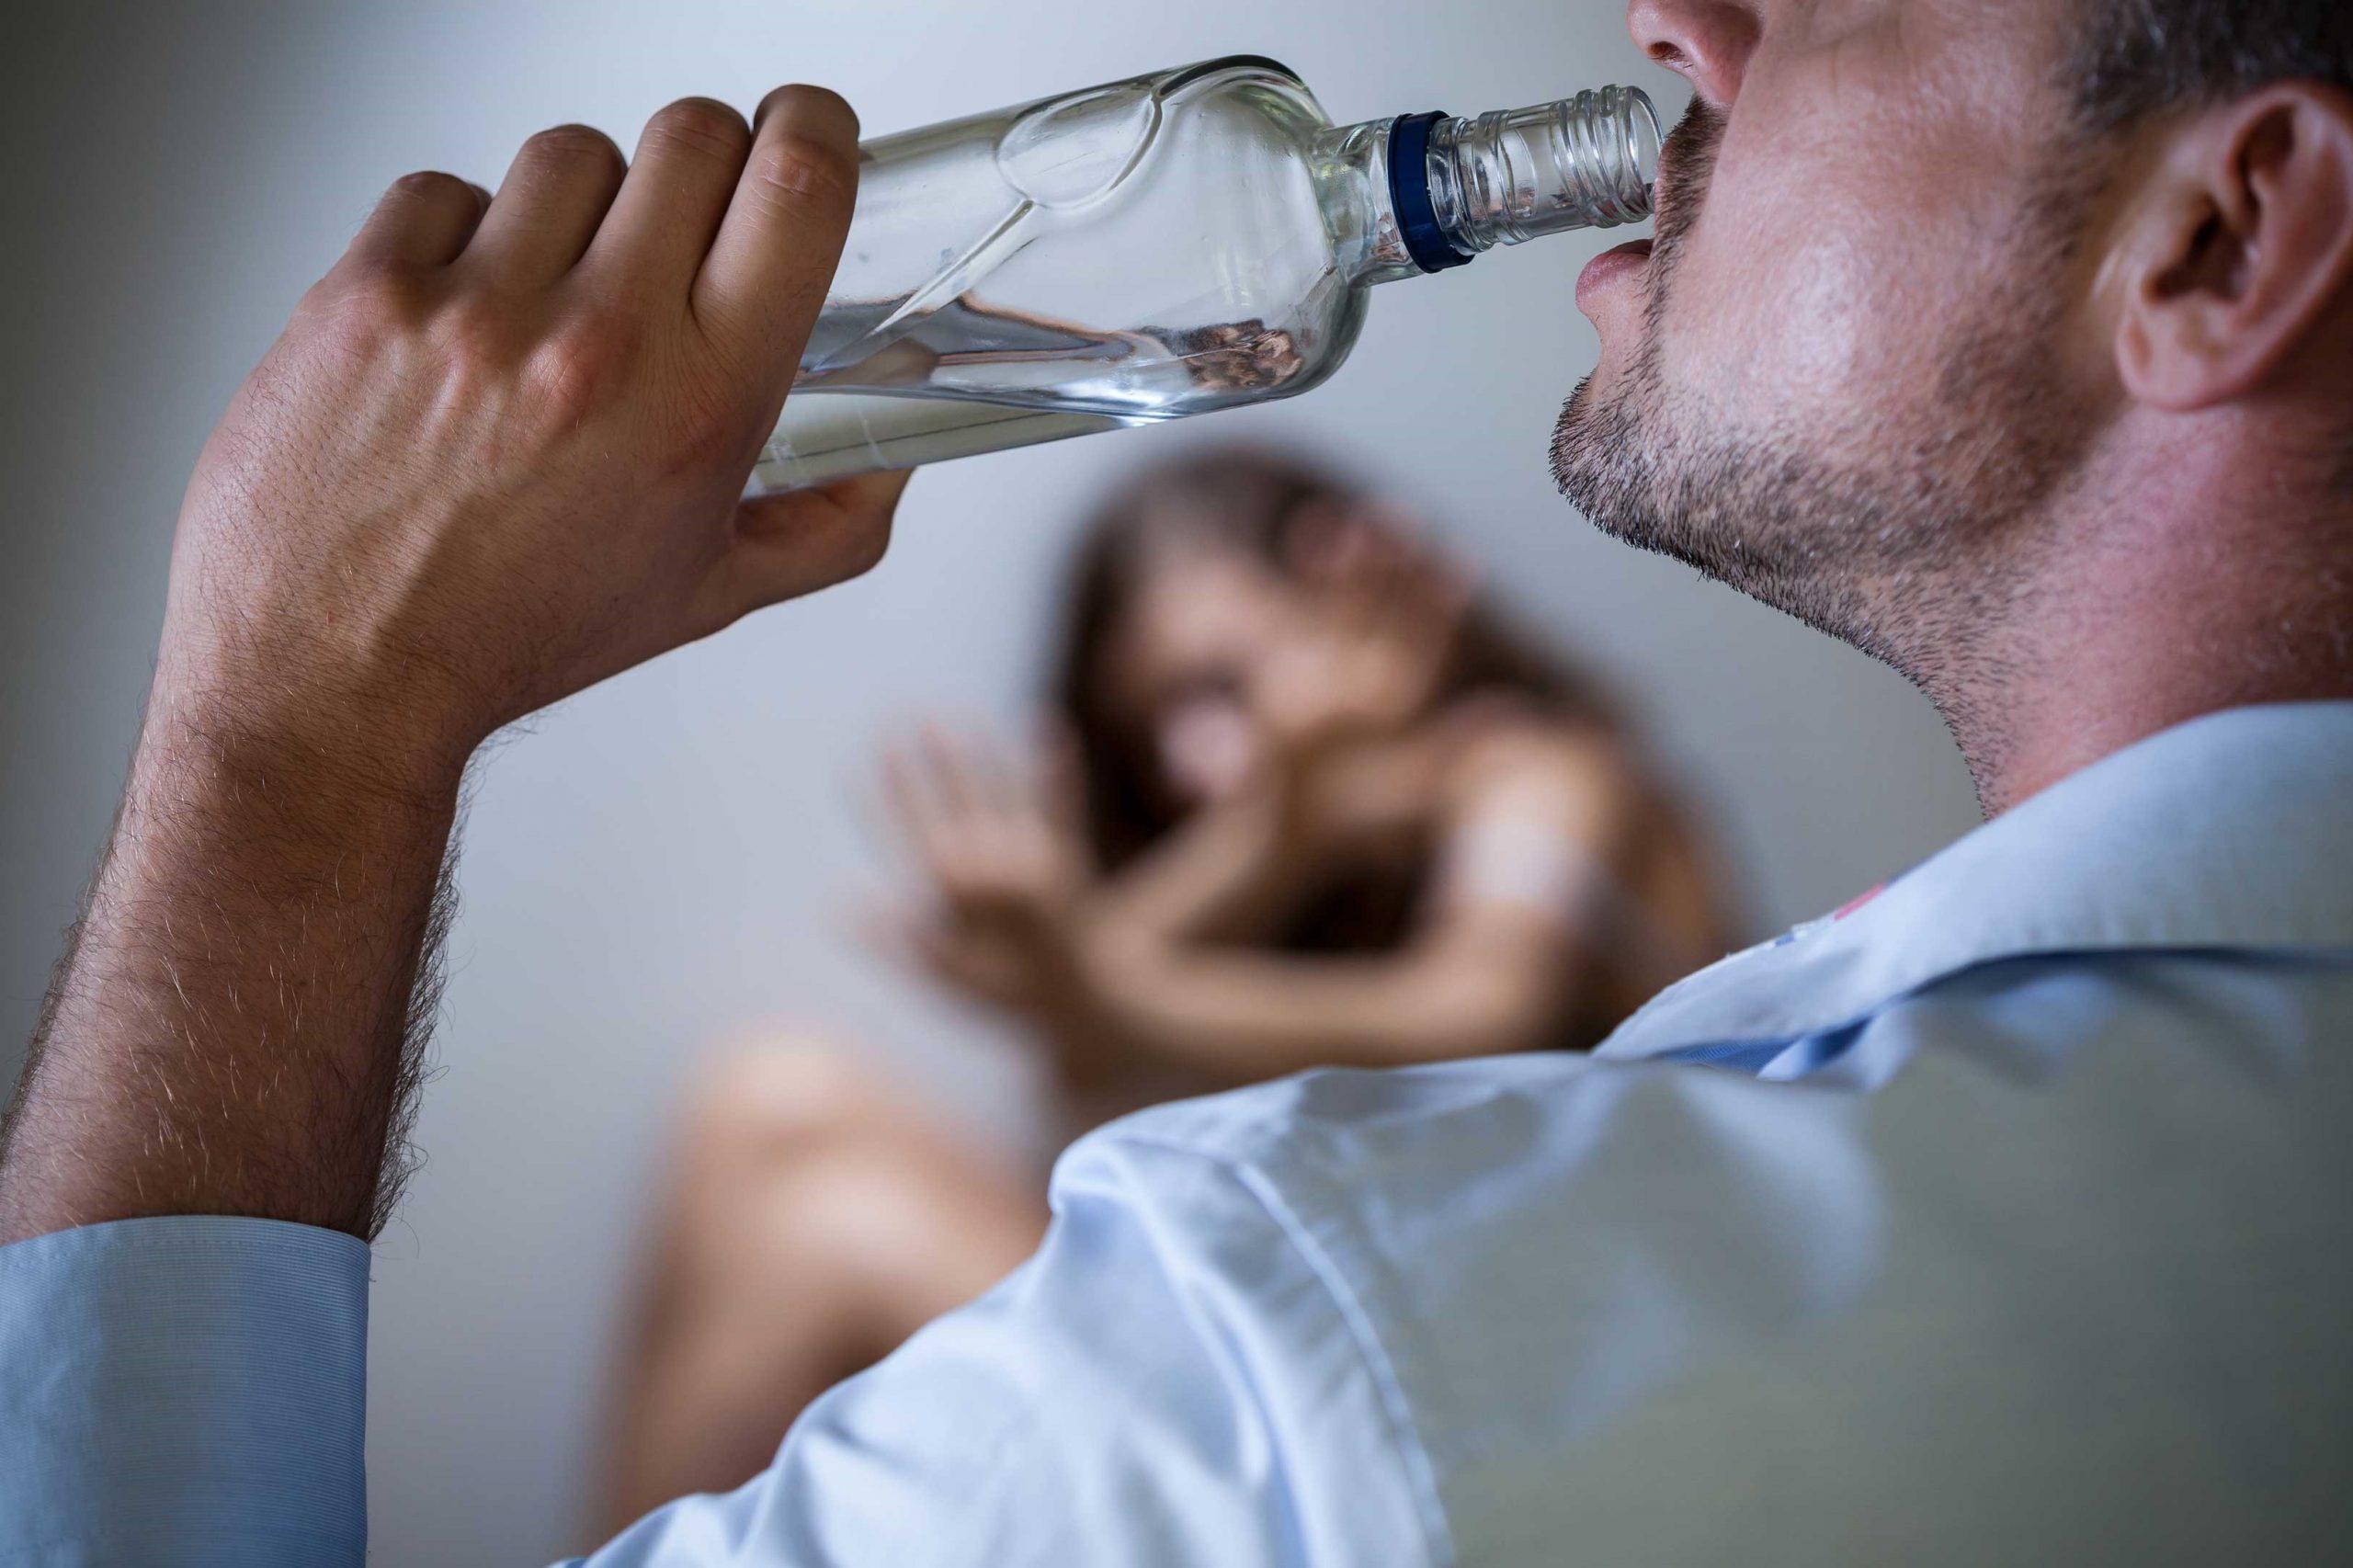 đàn ông uống rượu